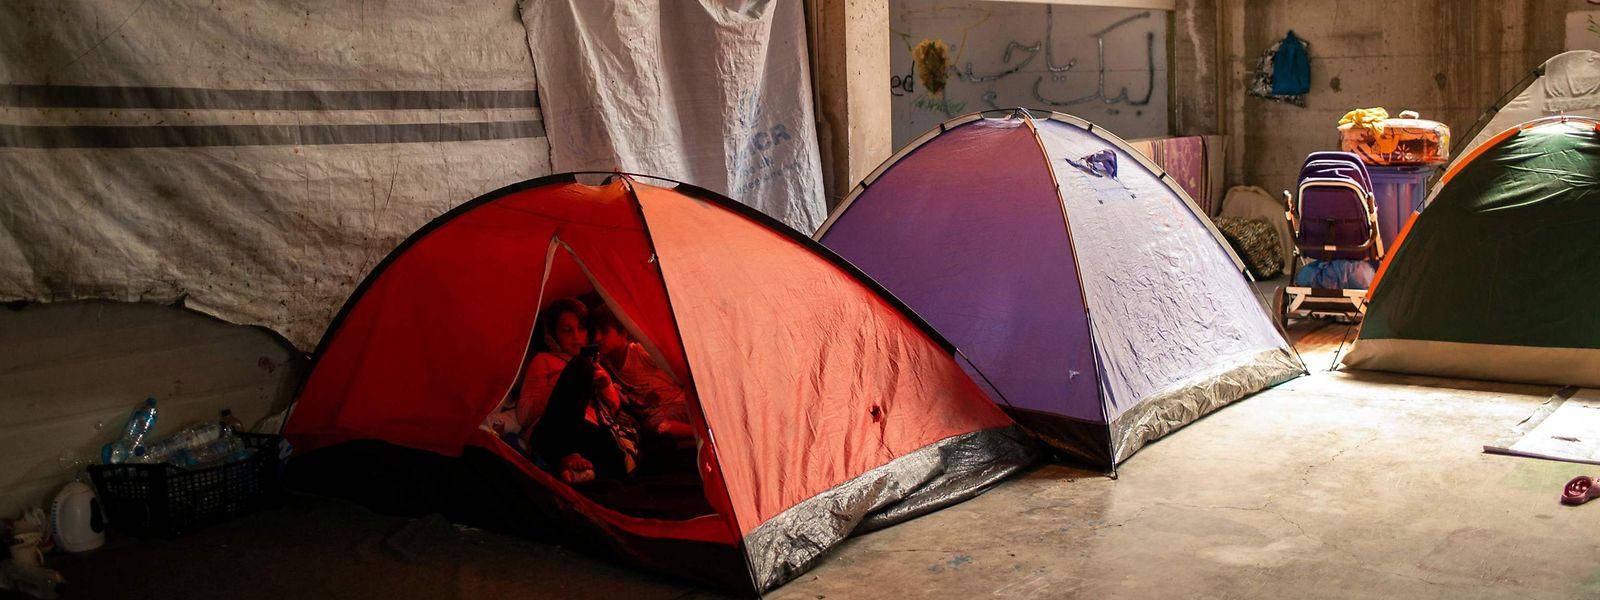 Nach dem Großbrand auf Lesbos sind über 12.000 Menschen obdachlos geworden.